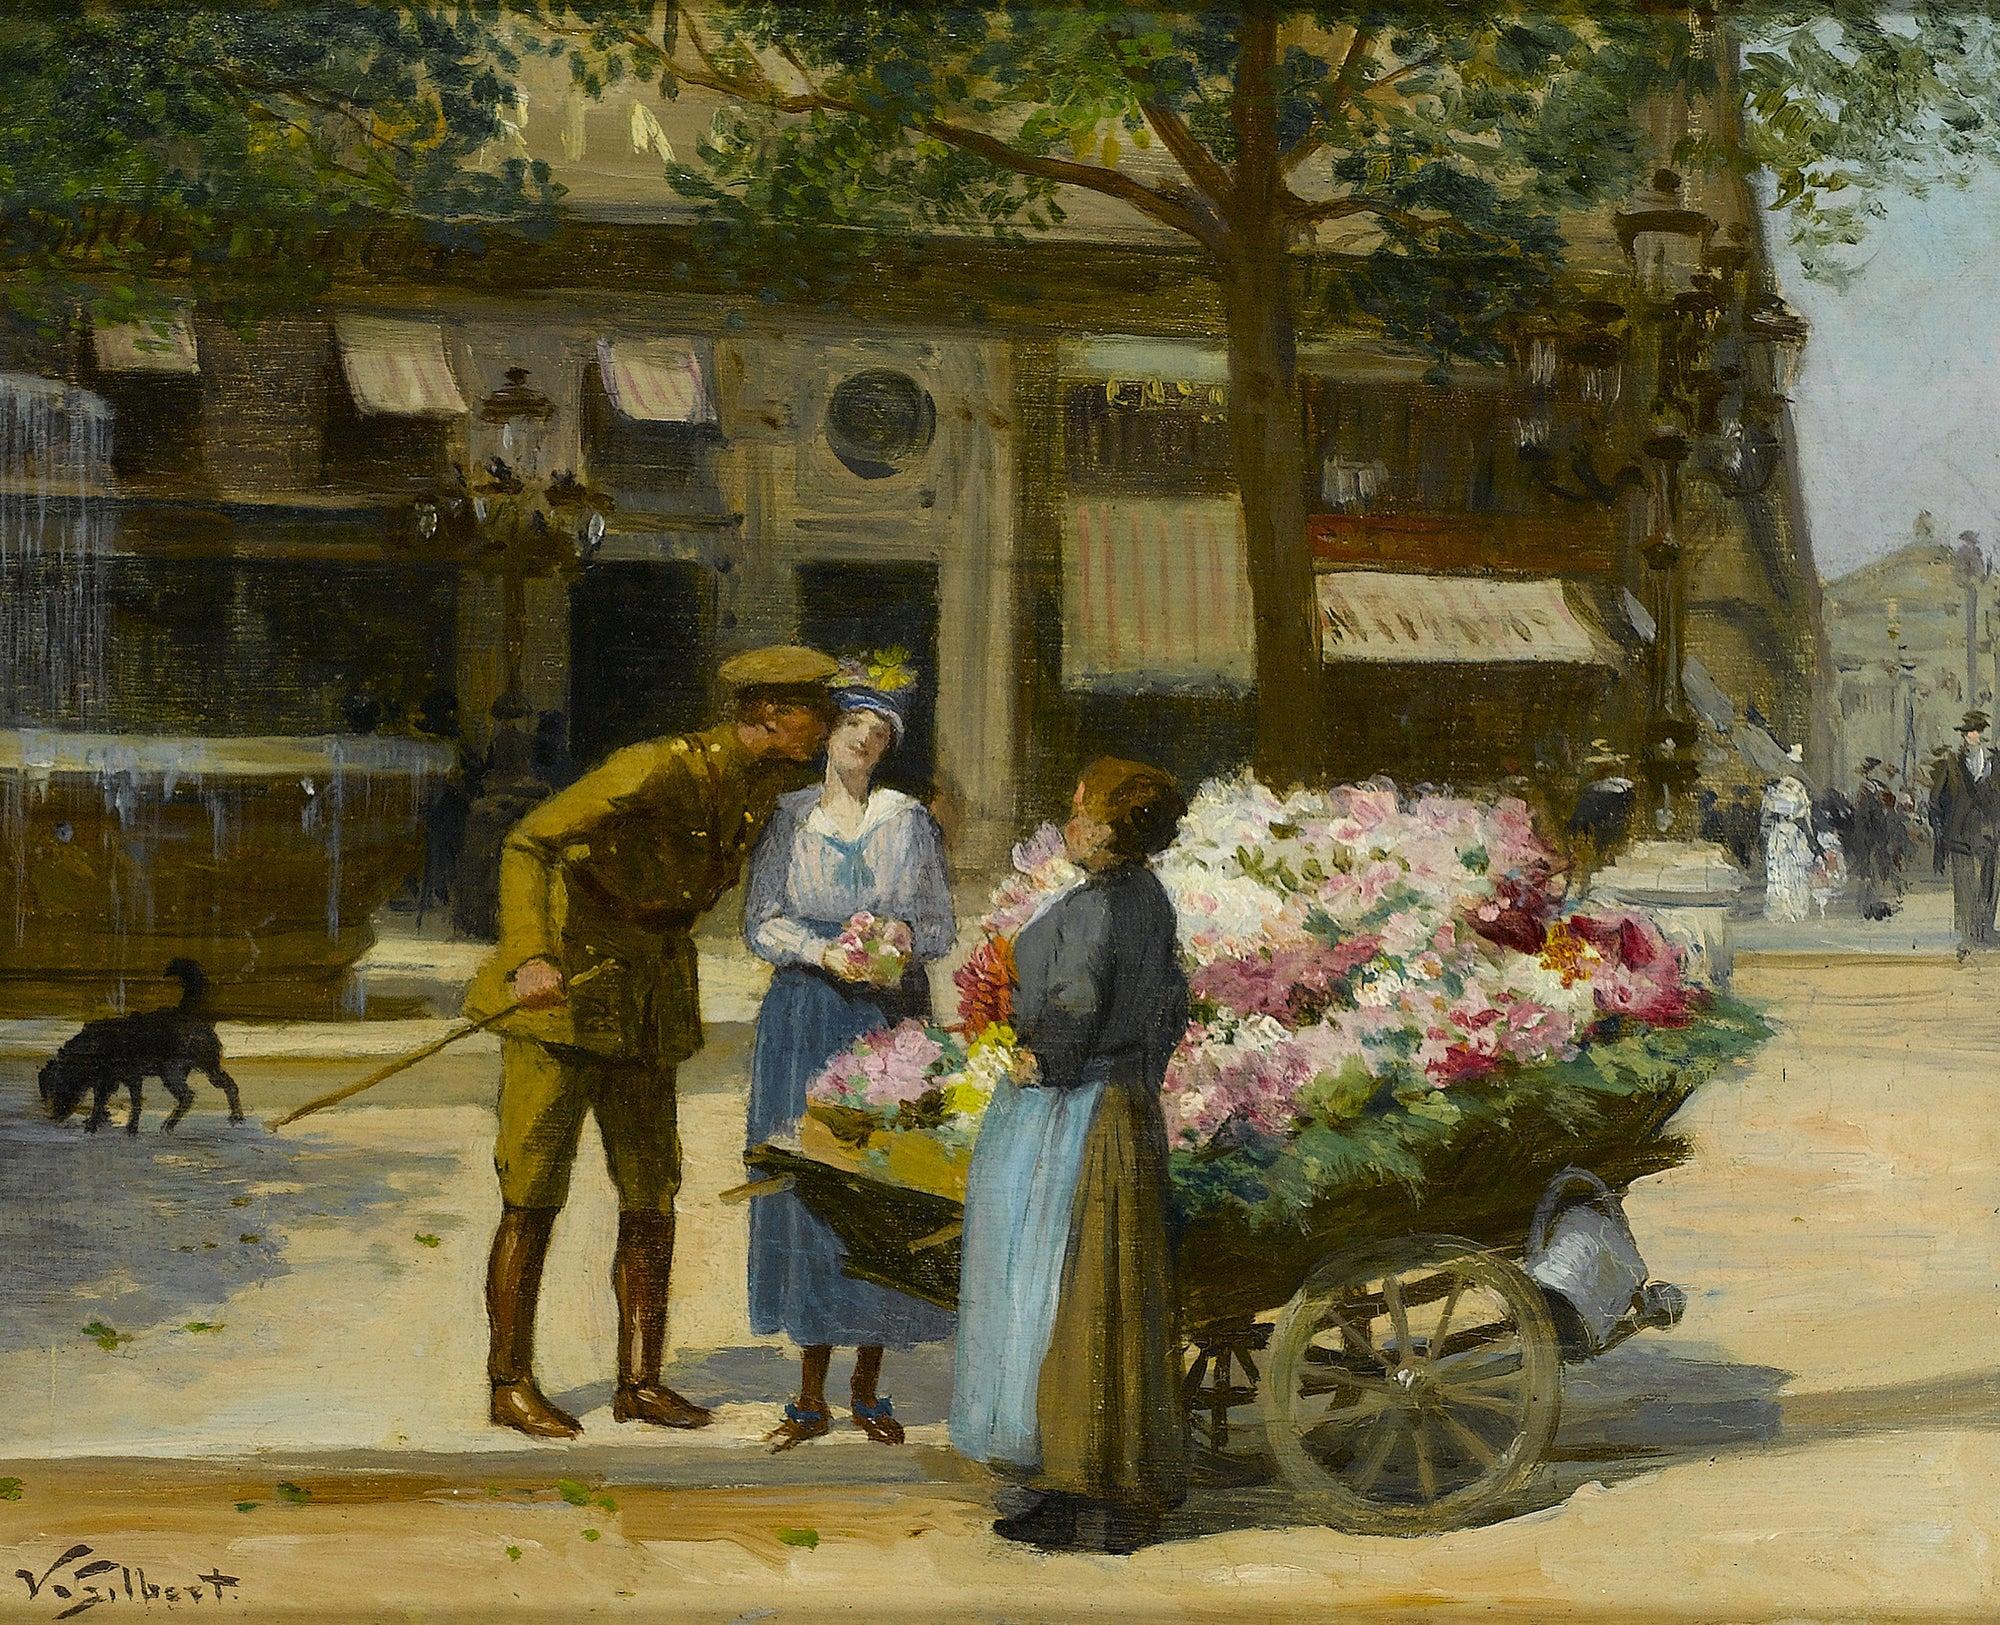 'Marchande de Fleurs' a Parisian street scene with soldier, figures & flowercart